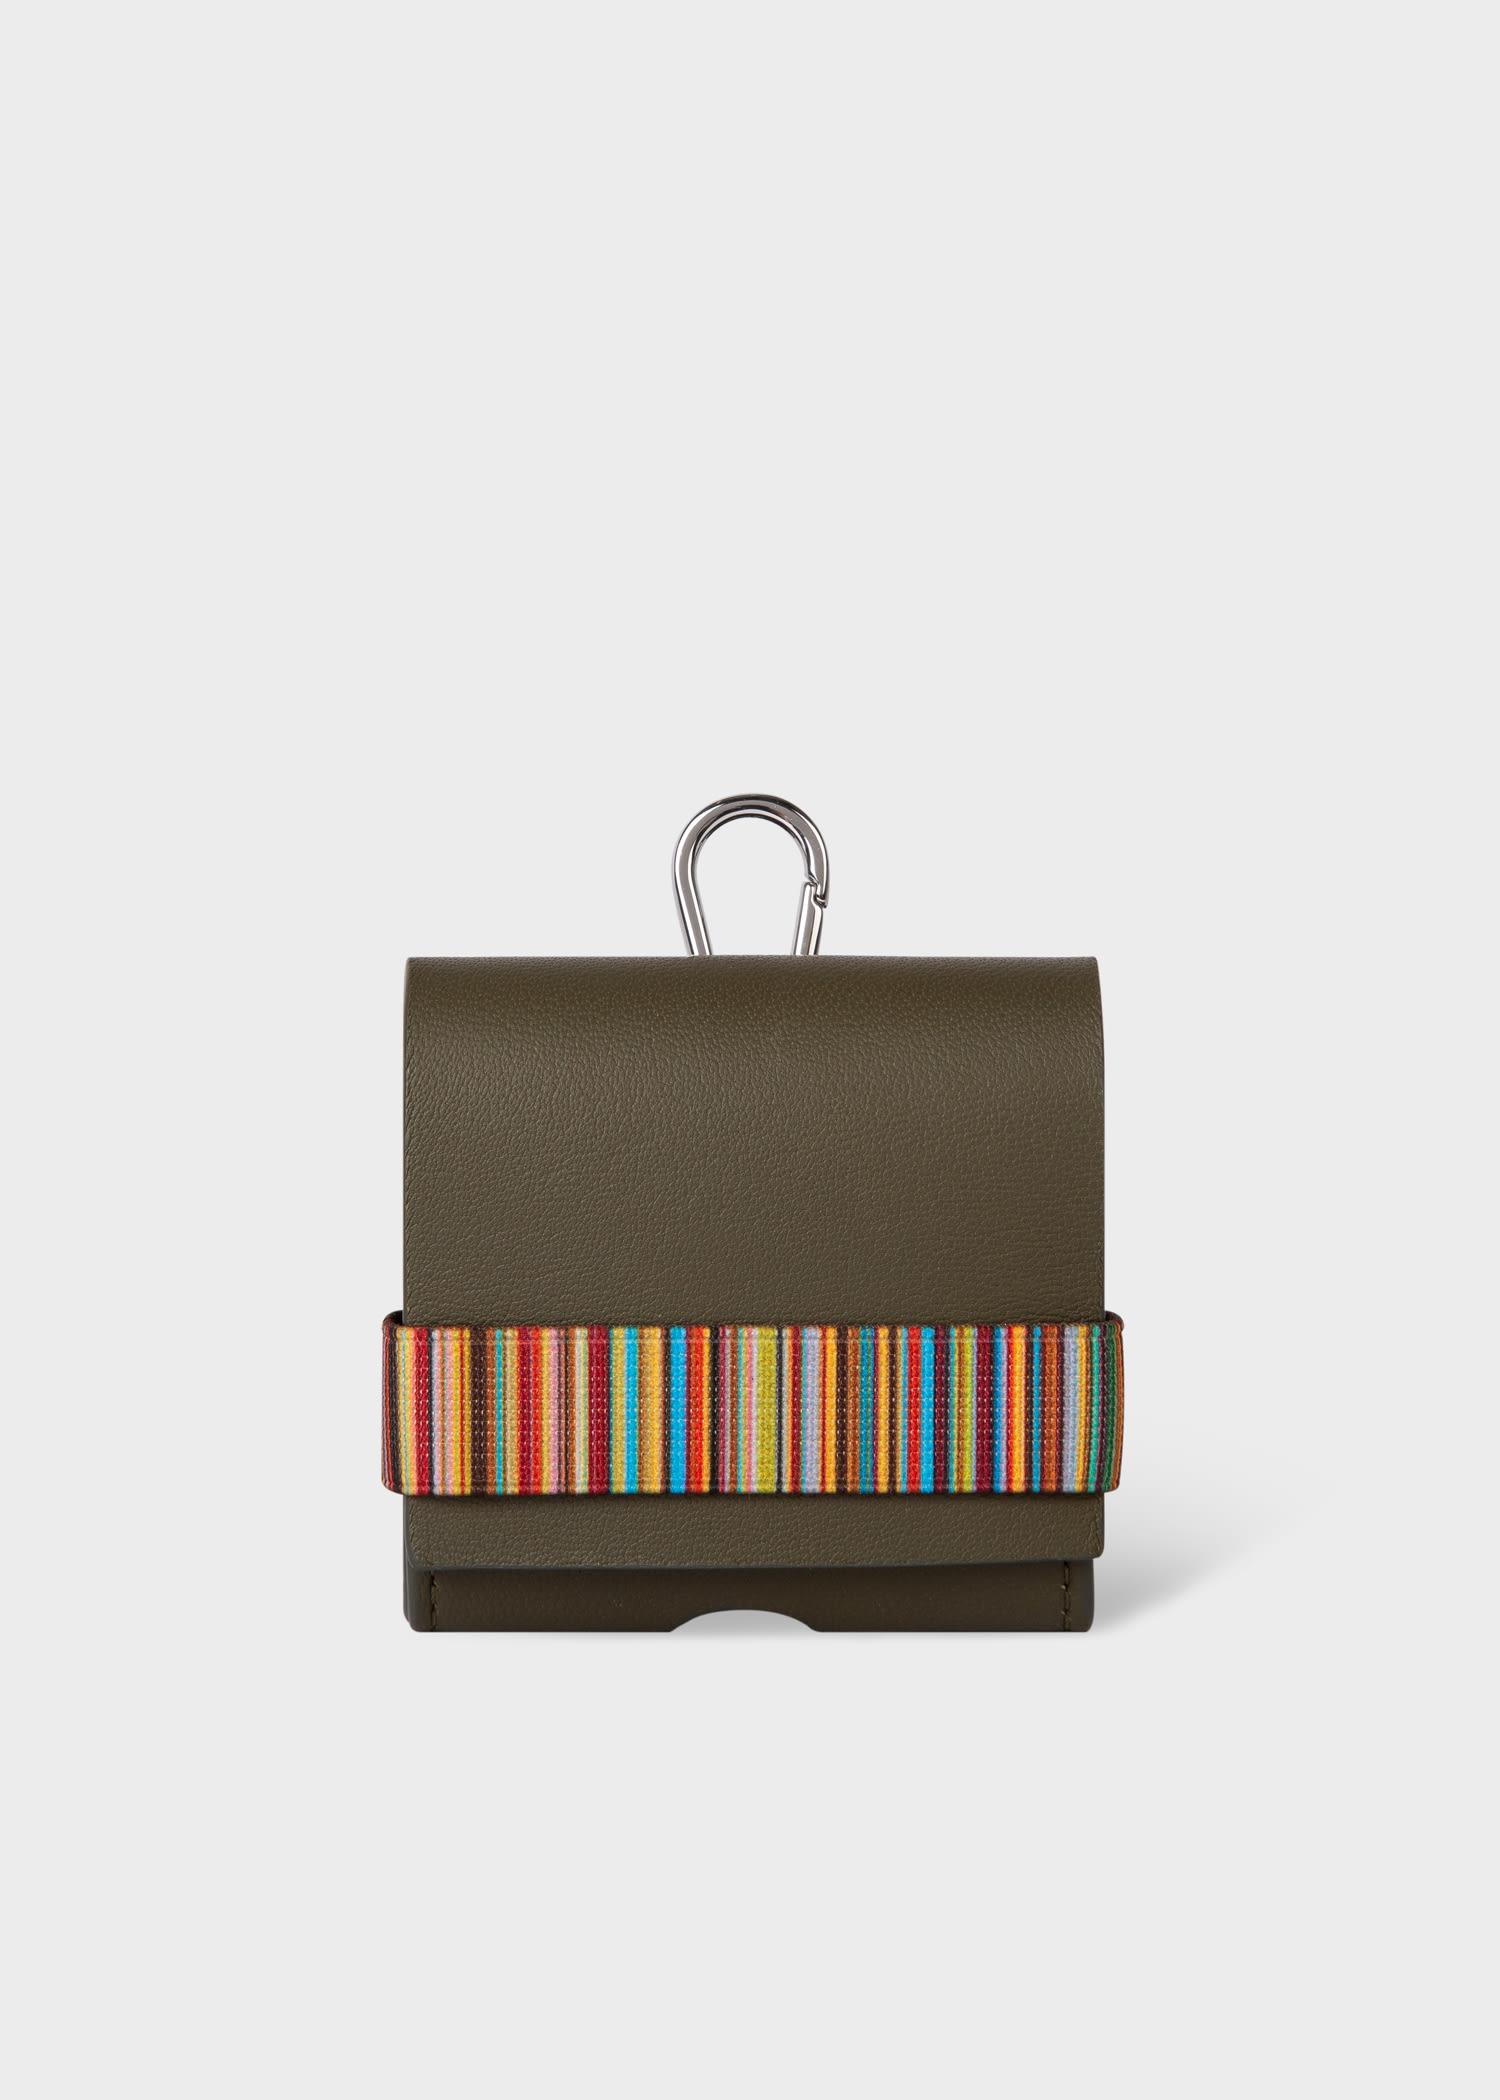 폴 스미스 에어팟 프로 케이스 Paul Smith Green Leather Signature Stripe AirPod Pro Case